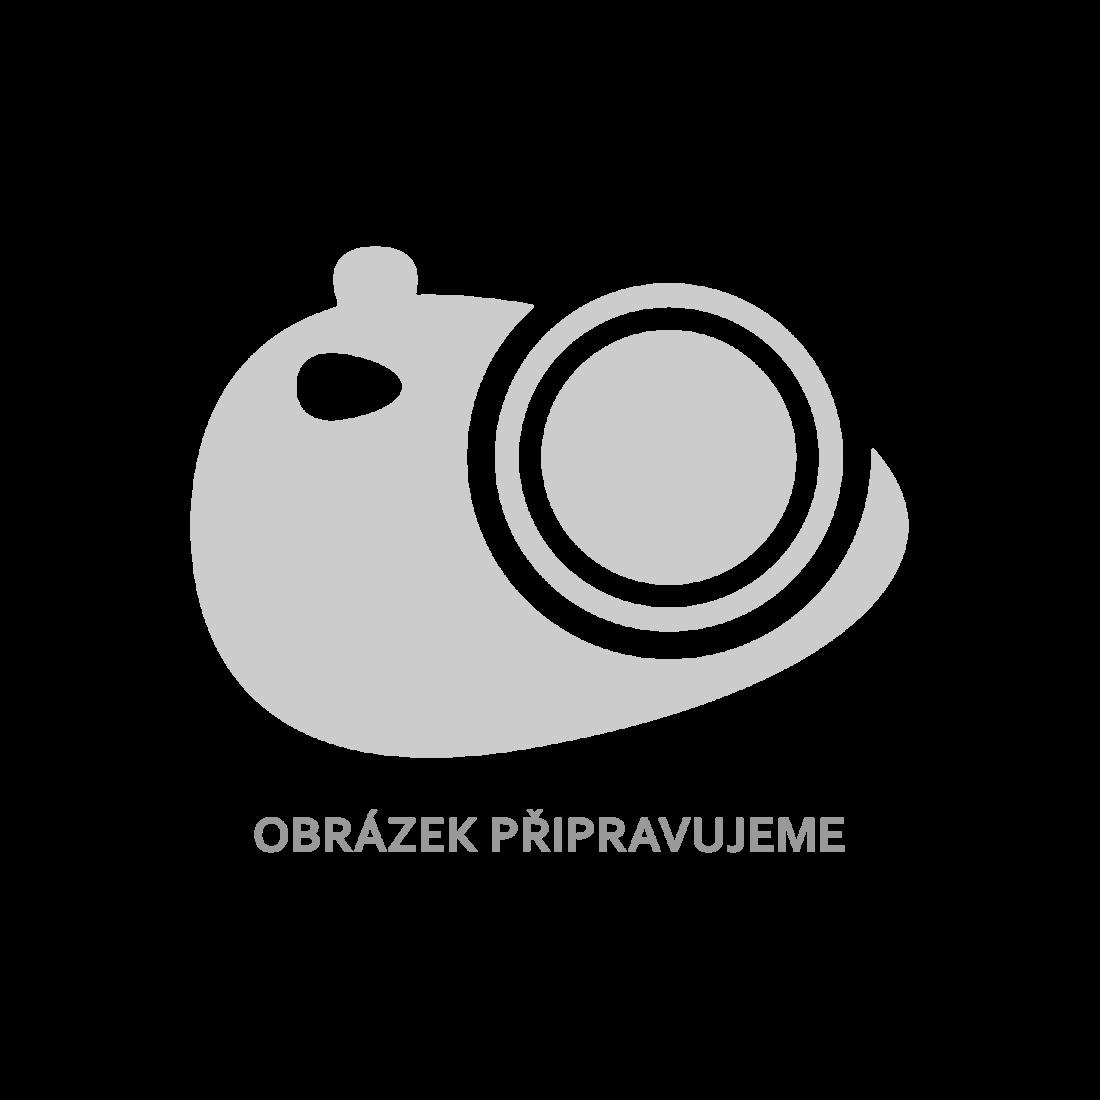 vidaXL Nástěnná skříňka betonově šedá 80 x 39 x 40 cm dřevotříska [802799]